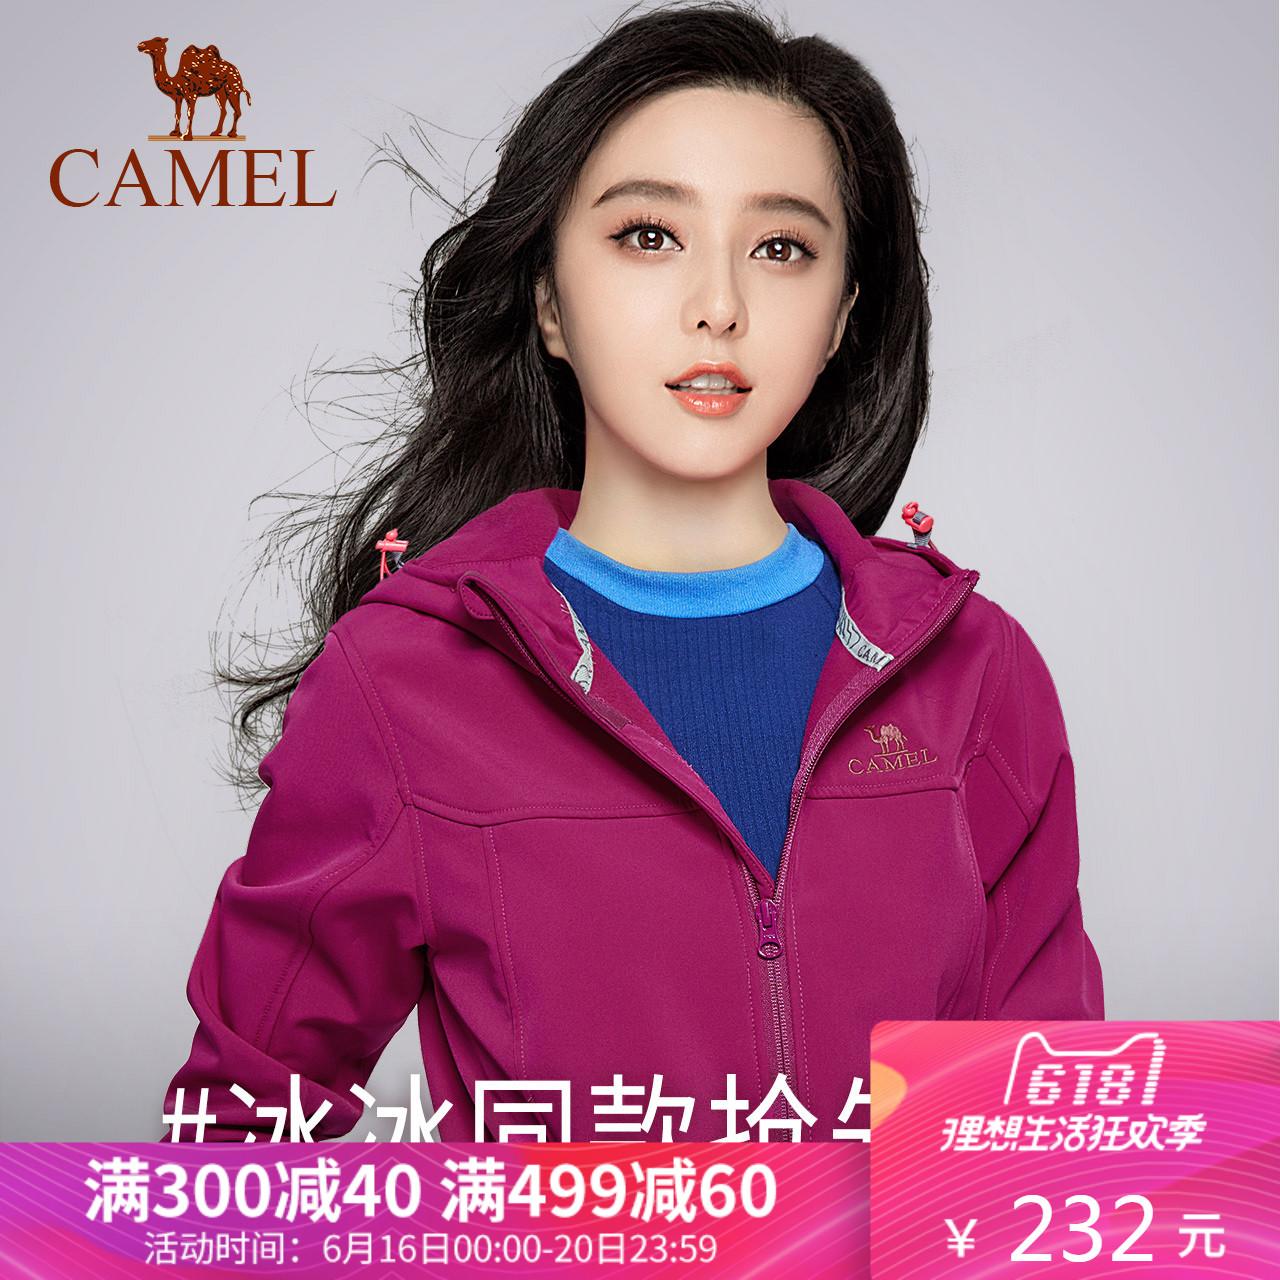 【范冰冰同款】CAMEL骆驼男女款软壳衣 防风保暖抗静电开衫软壳衣